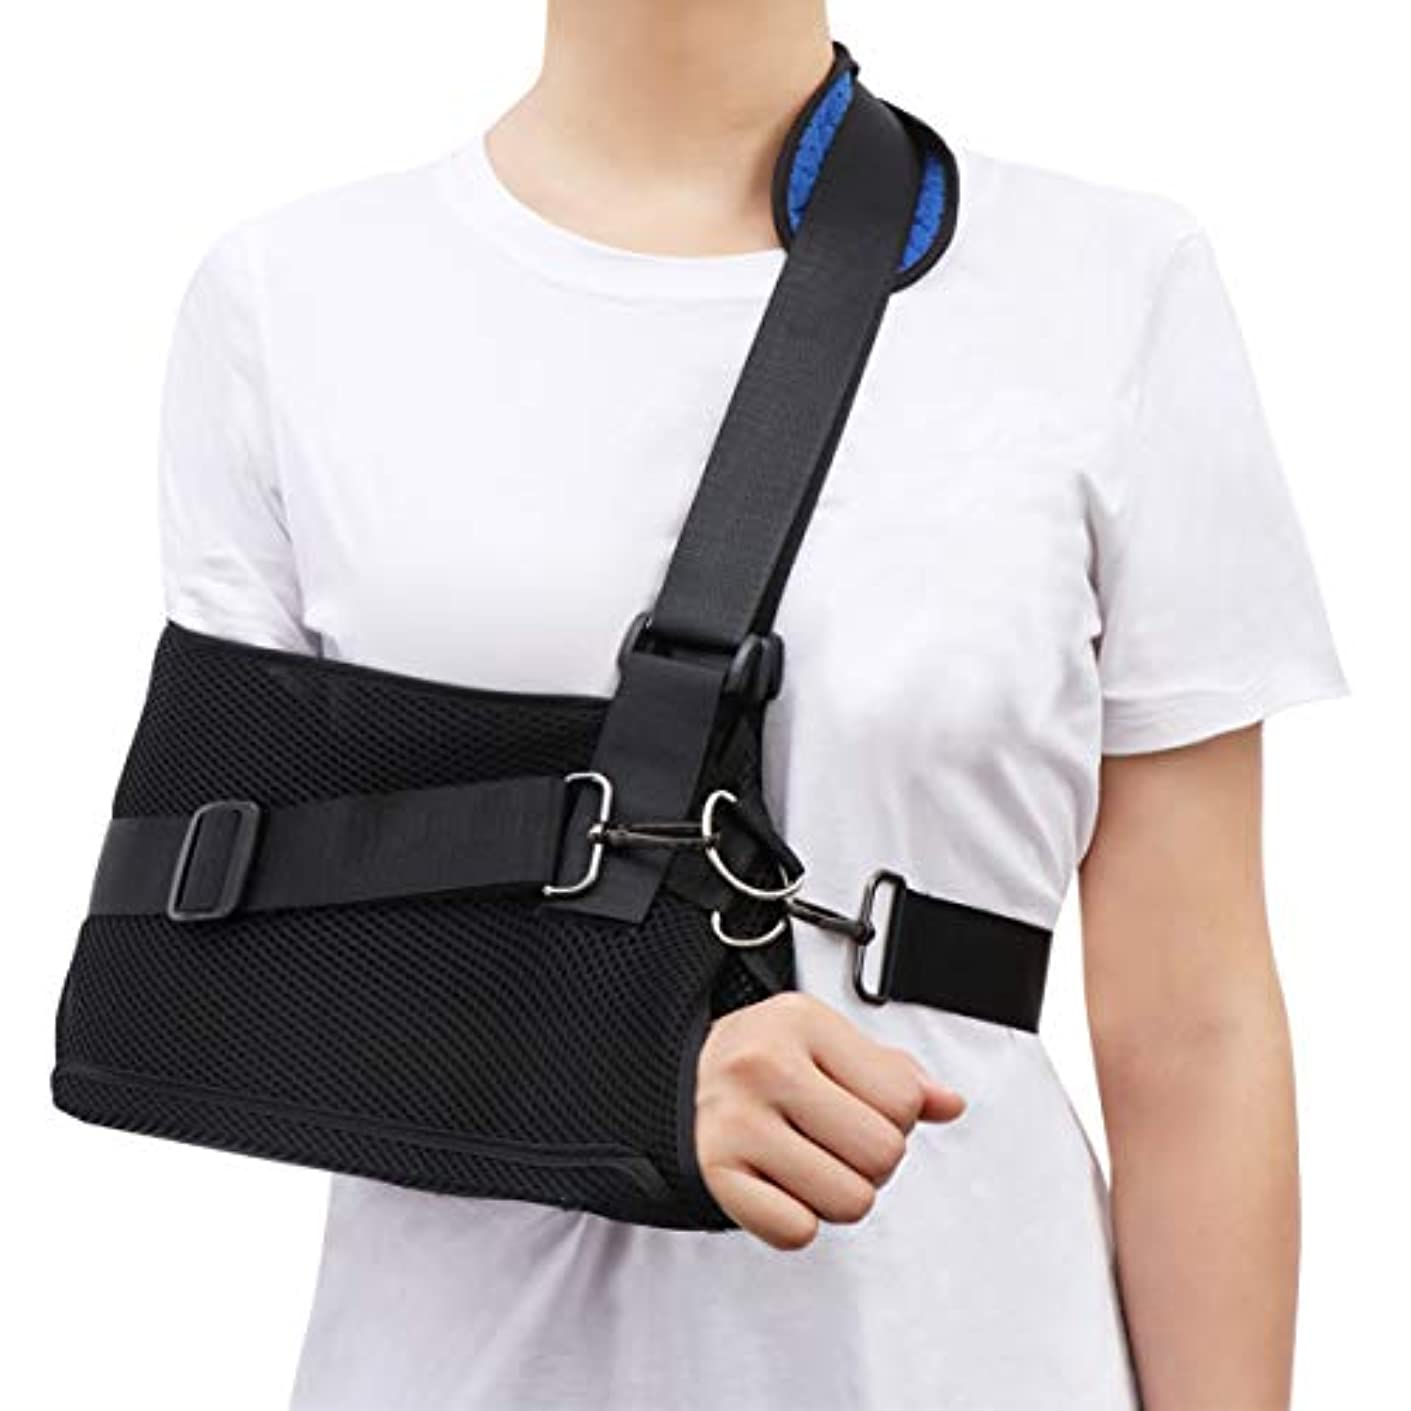 チャーミング食欲クランシーSUPVOX 肩イモビライザースリングアームスリング医療肩イモビライザー回転子カフ手首肘前腕サポートブレースストラップ